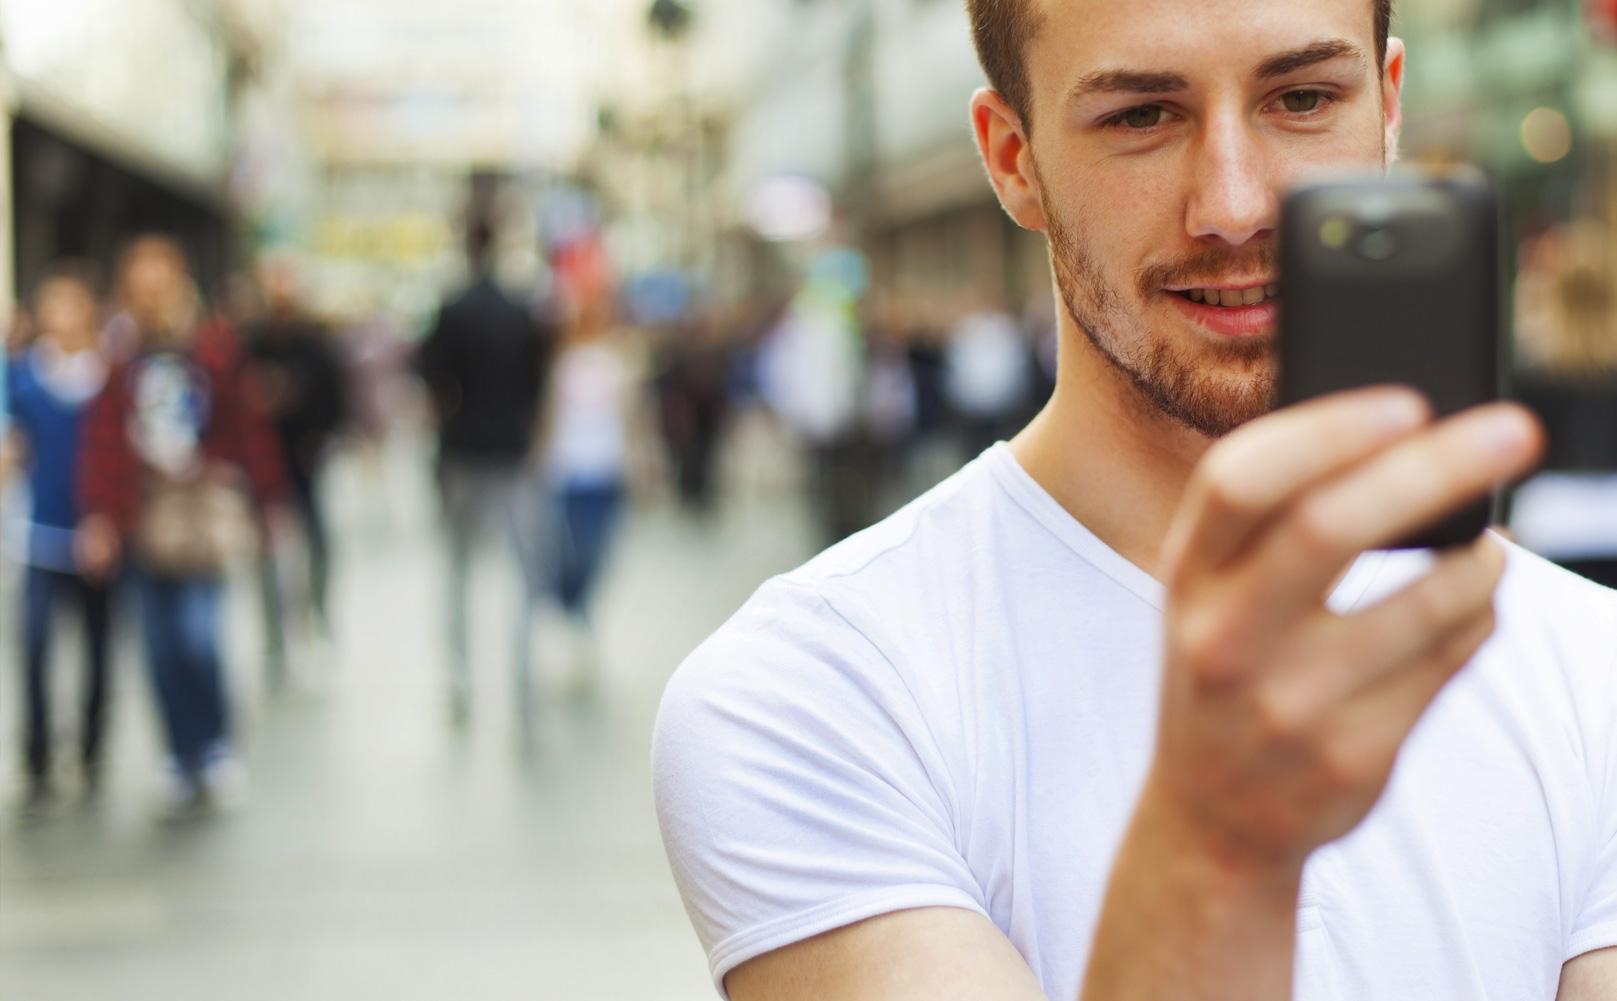 любой картинки на мобильный с мужчинами психологии цветотерапии